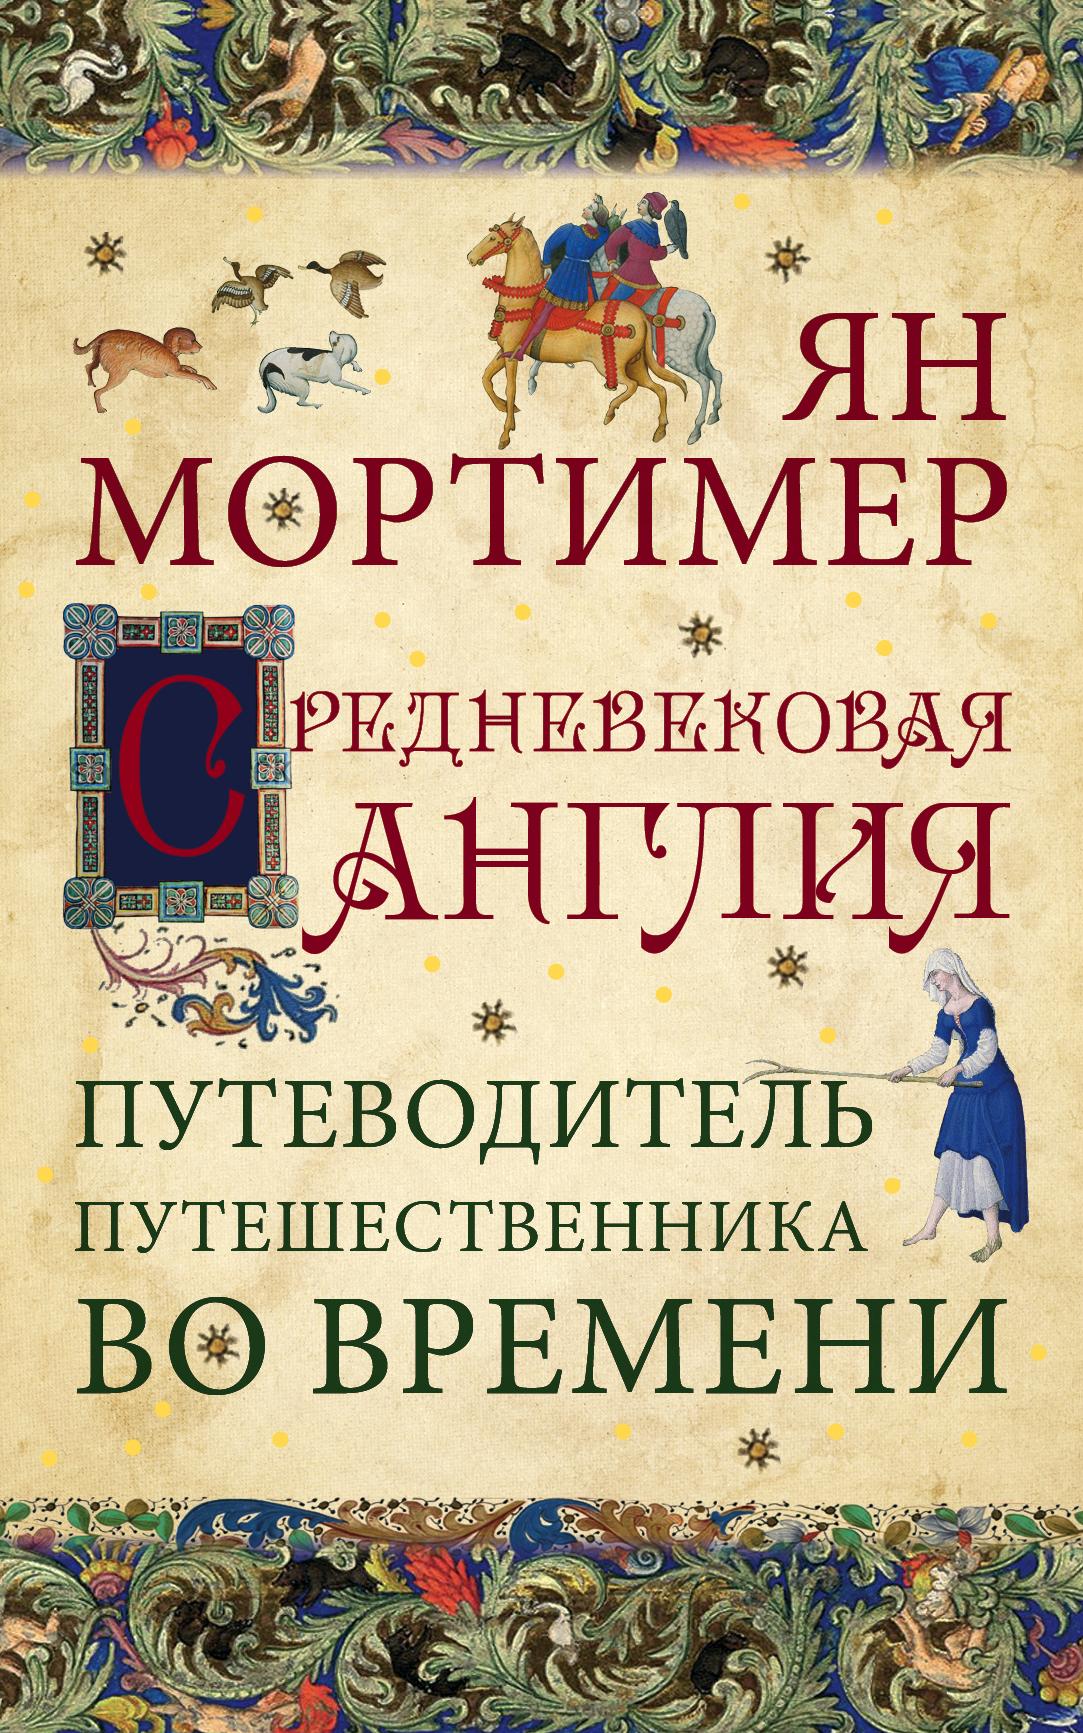 Средневековая Англия. Путеводитель путешественника во времени. Нов. оф.